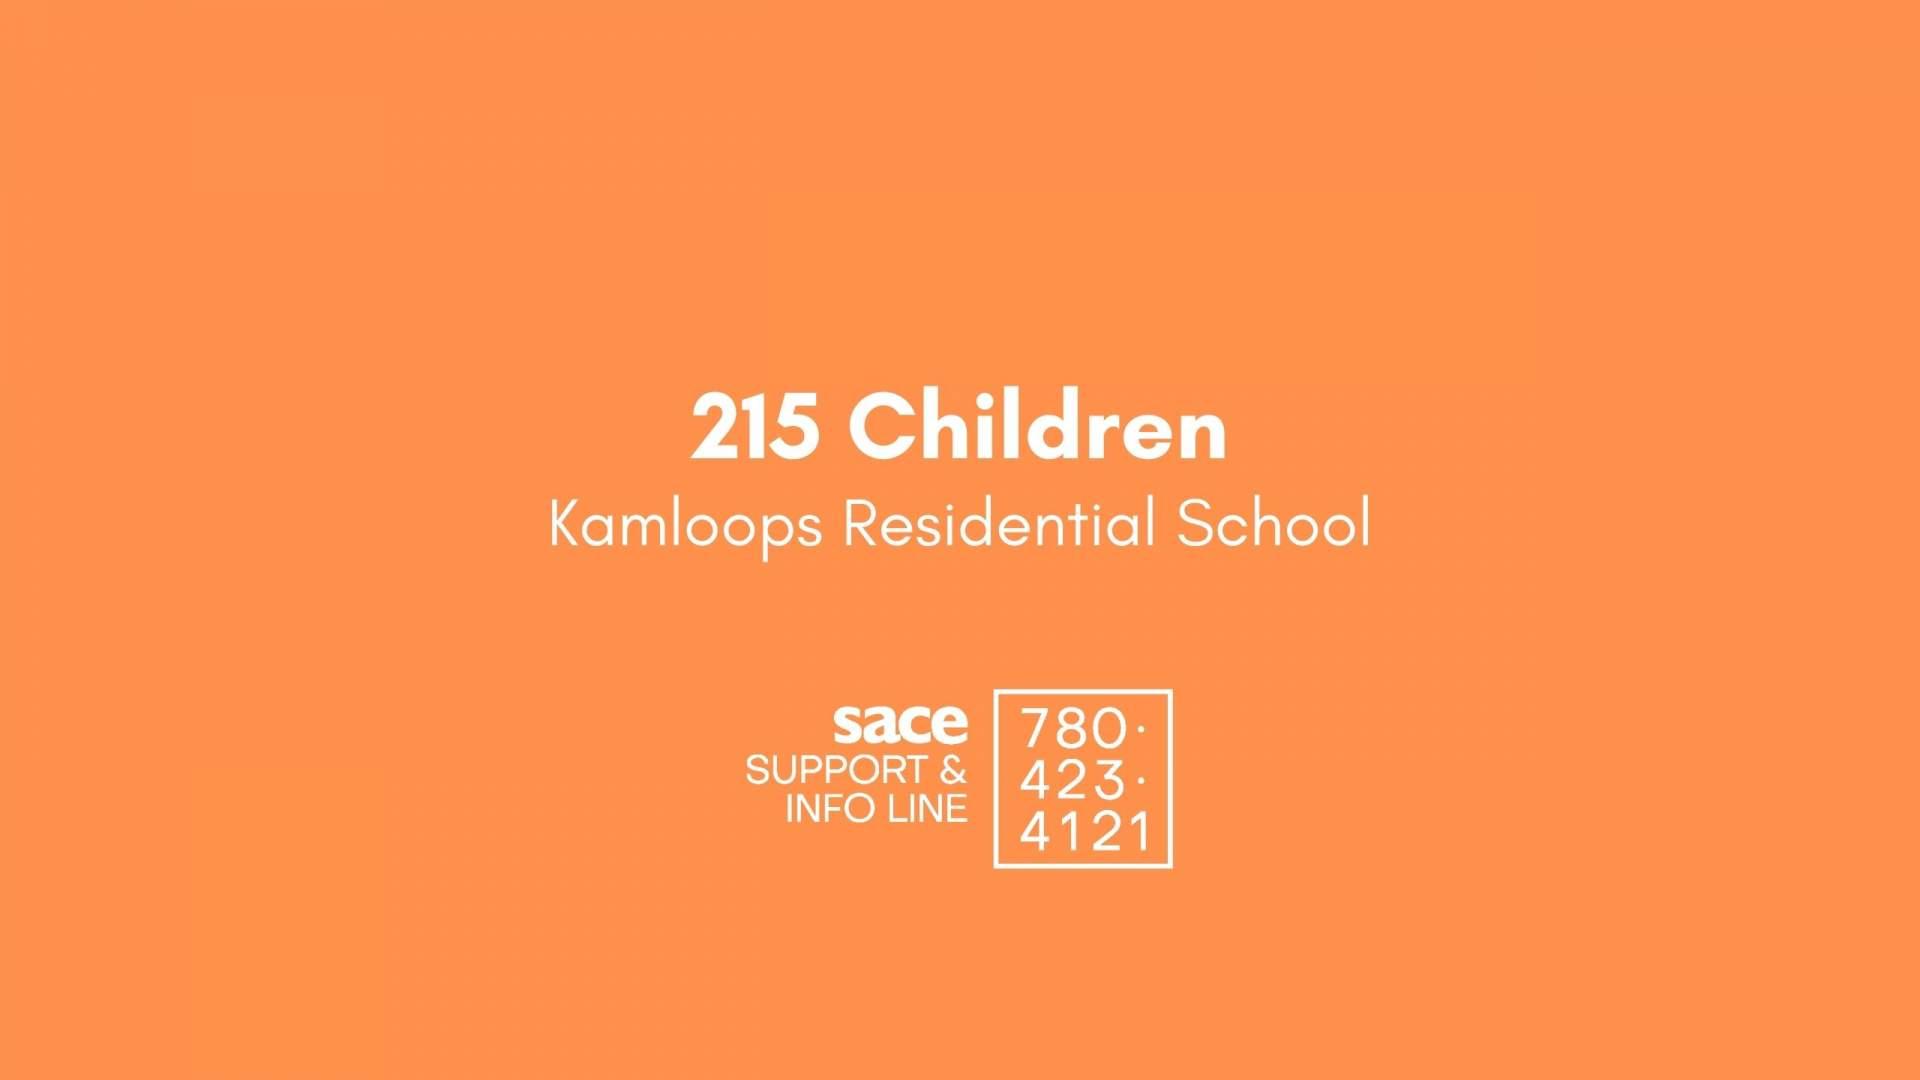 The 215 Children Of Kamloops Residential School